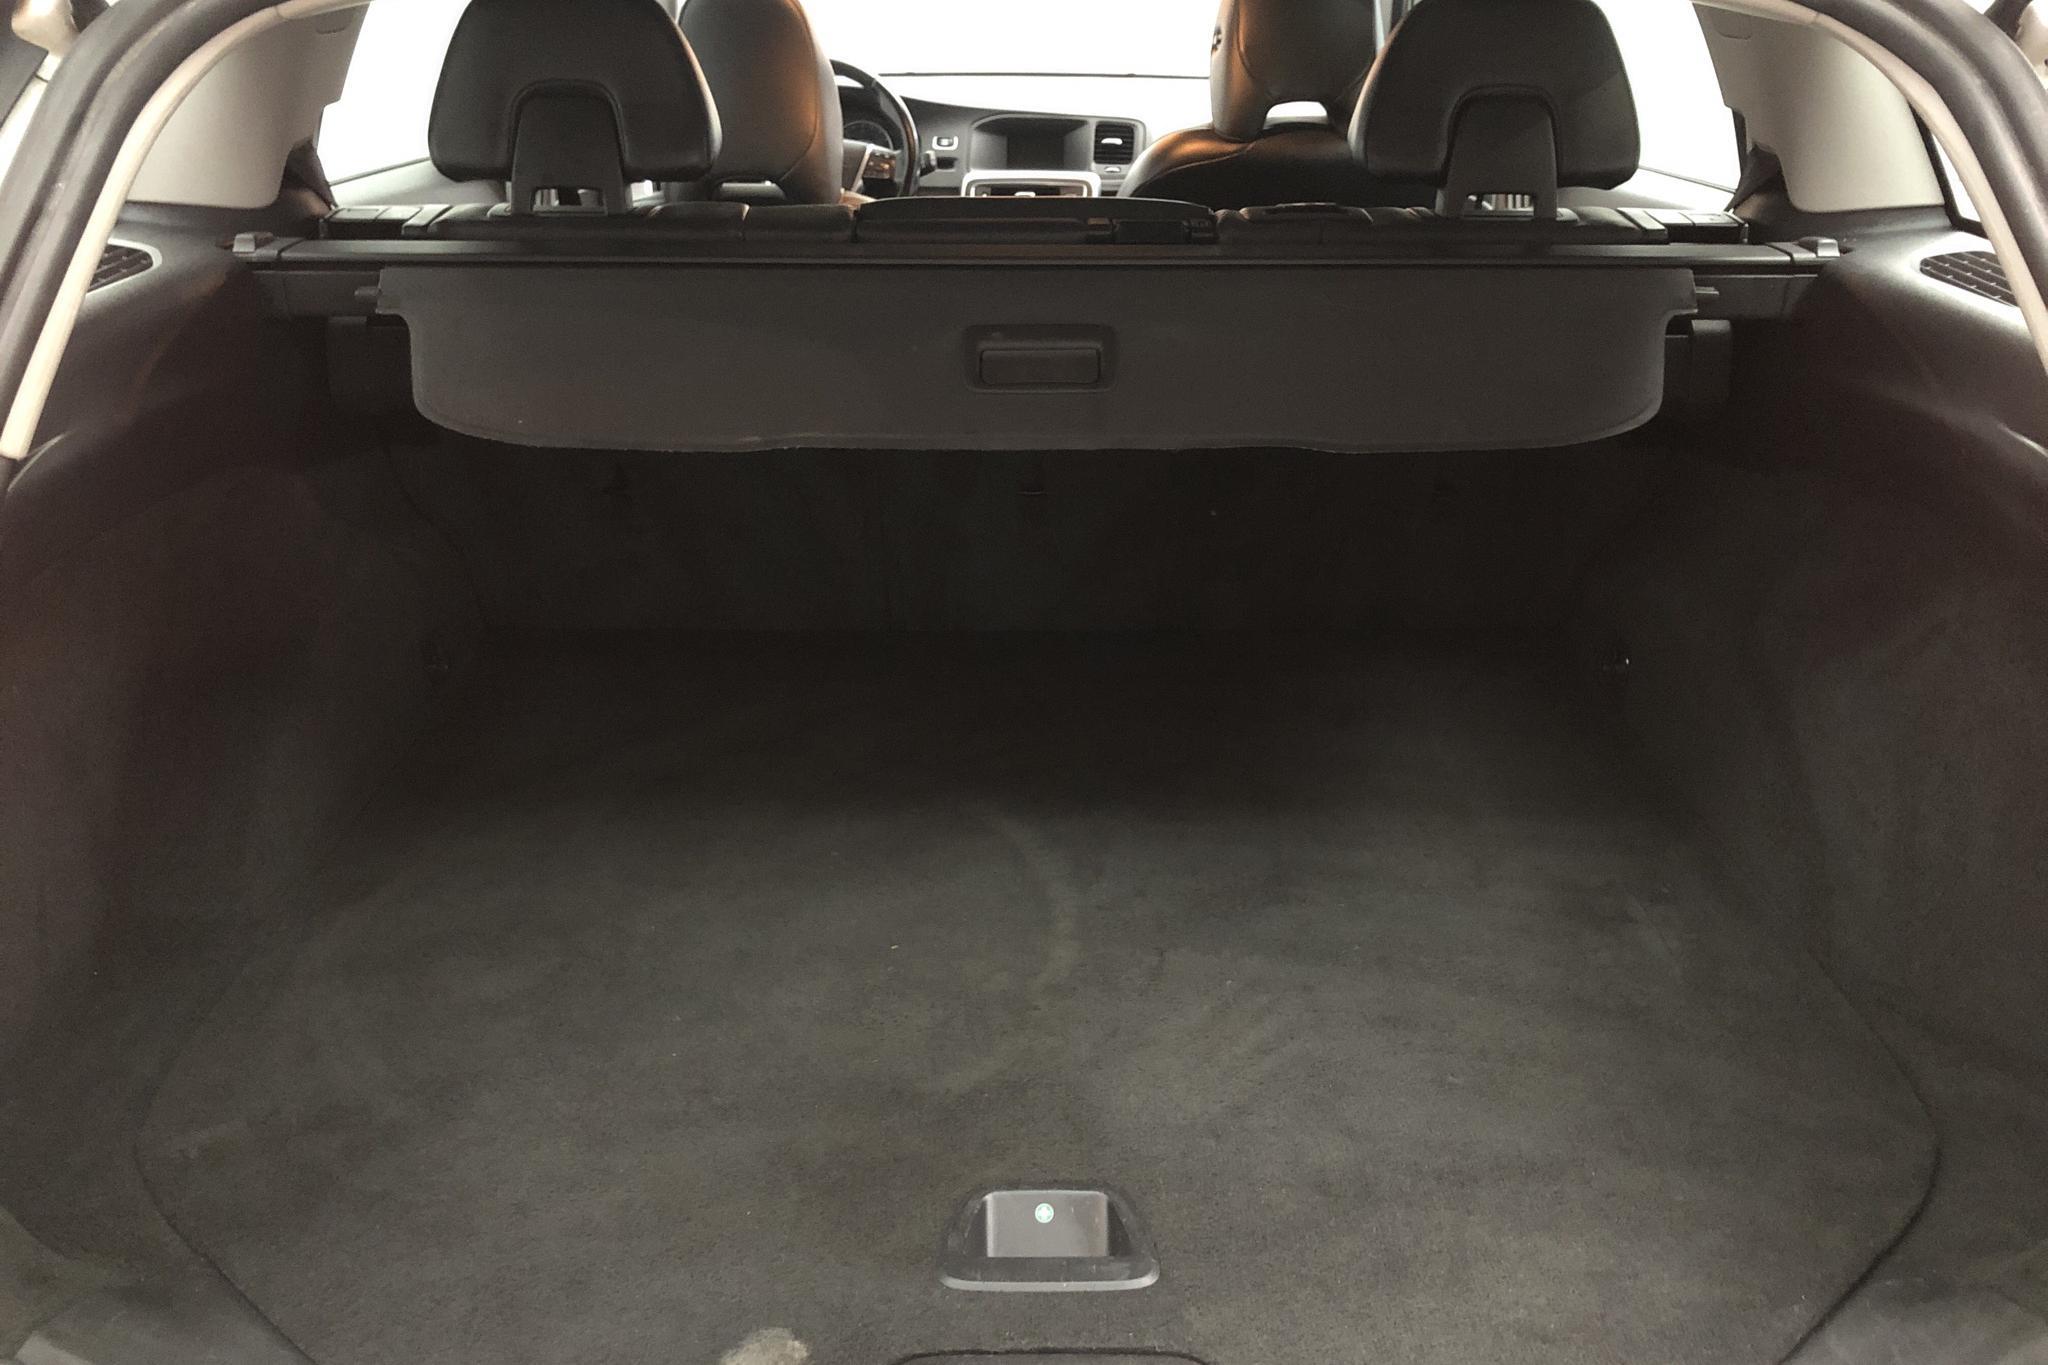 Volvo V60 D3 (136hk) - 125 560 km - Automatic - white - 2013